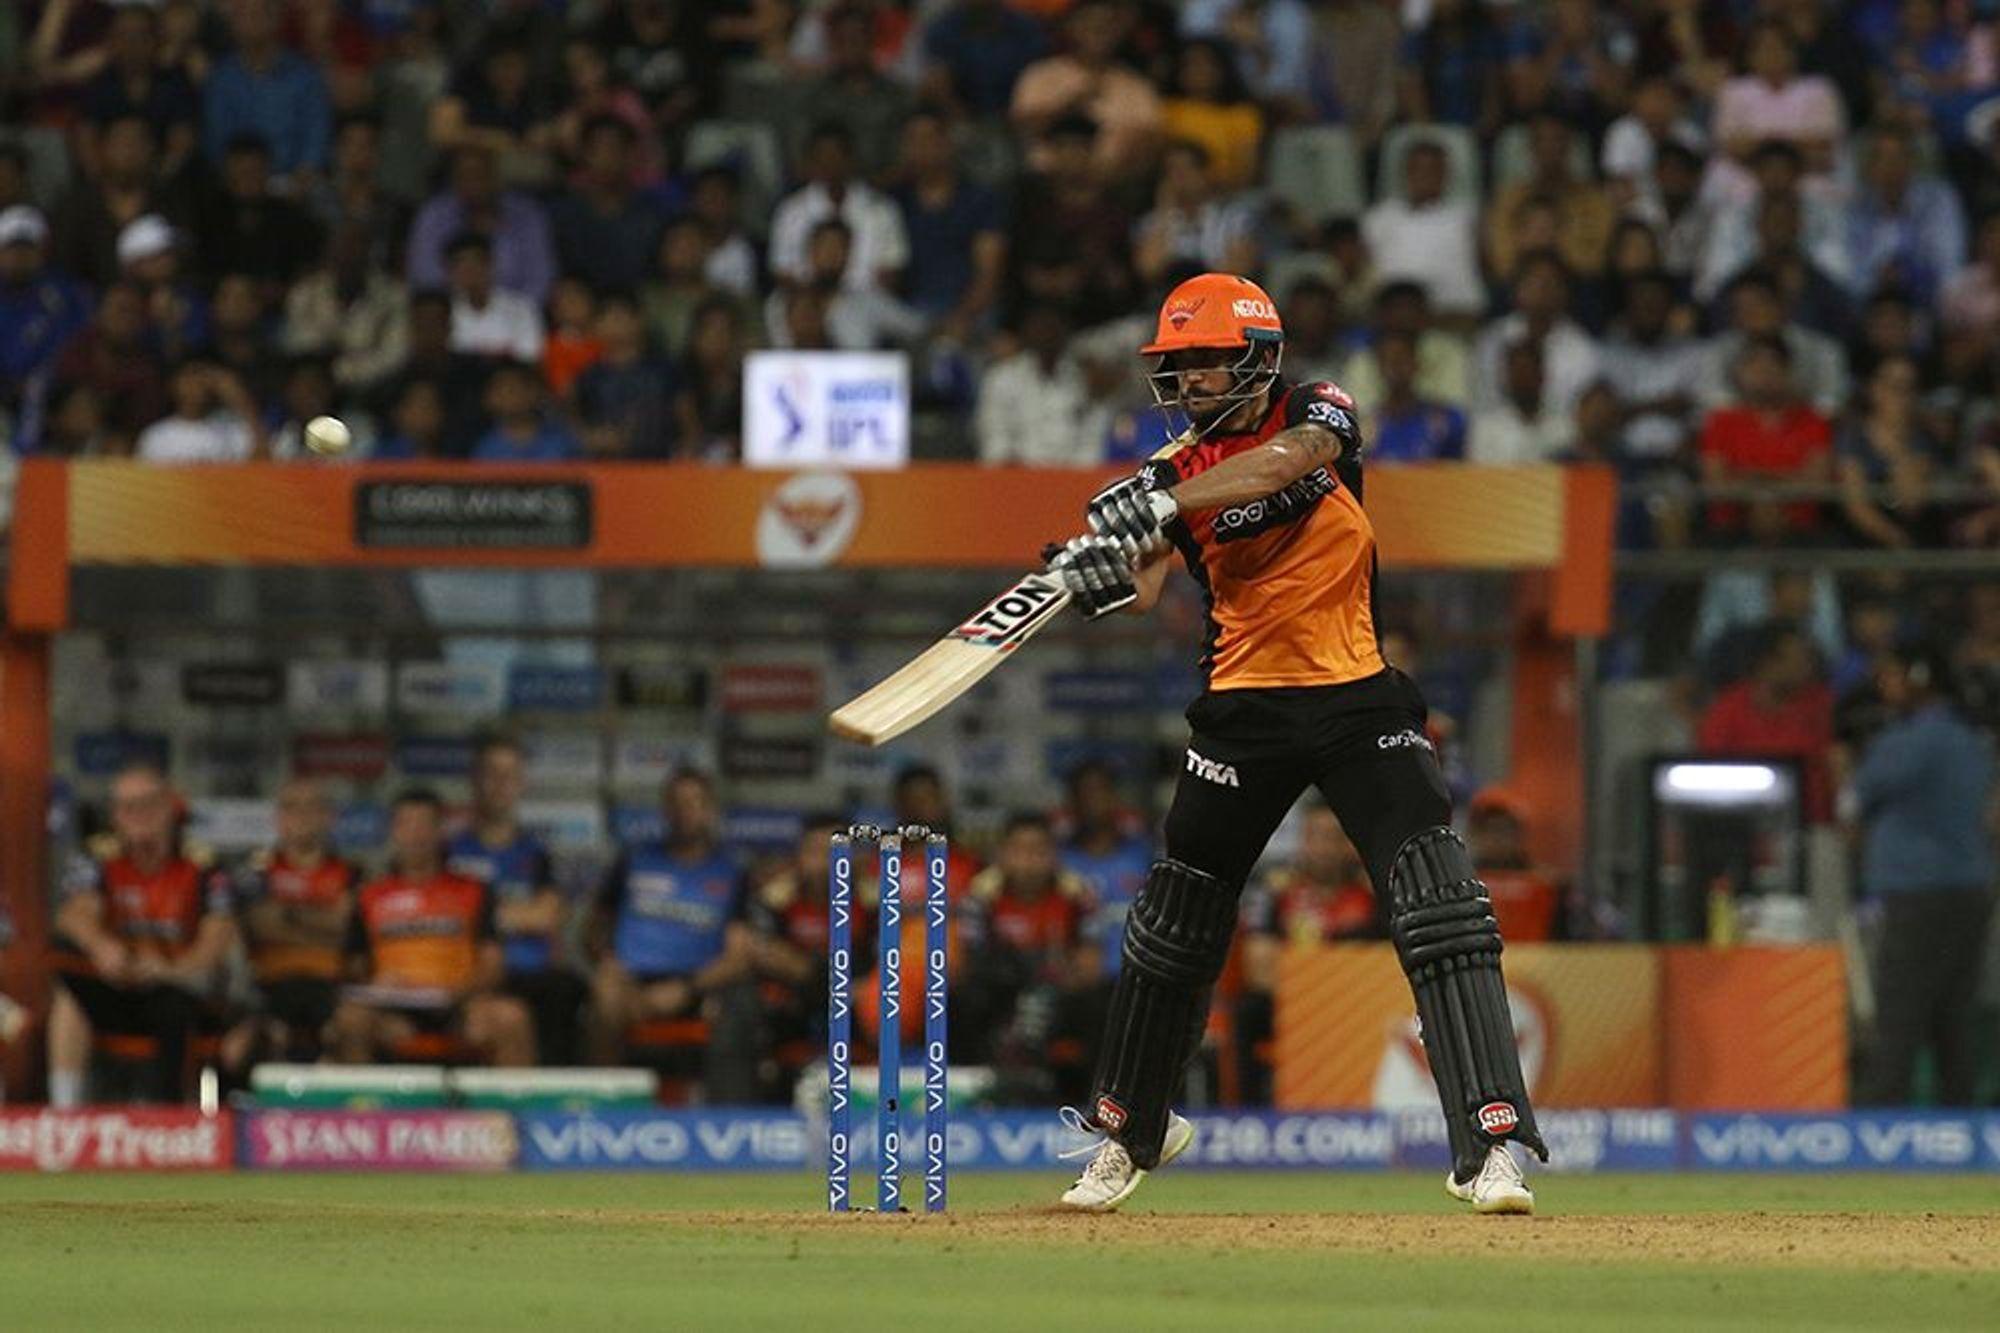 मुंबई से मिली हार के बाद हैदराबाद की टीम के इस खिलाड़ी की तारीफों के पुल बांधते हुए नजर आये नबी, बुमराह को लेकर भी दिया बड़ा बयान 3